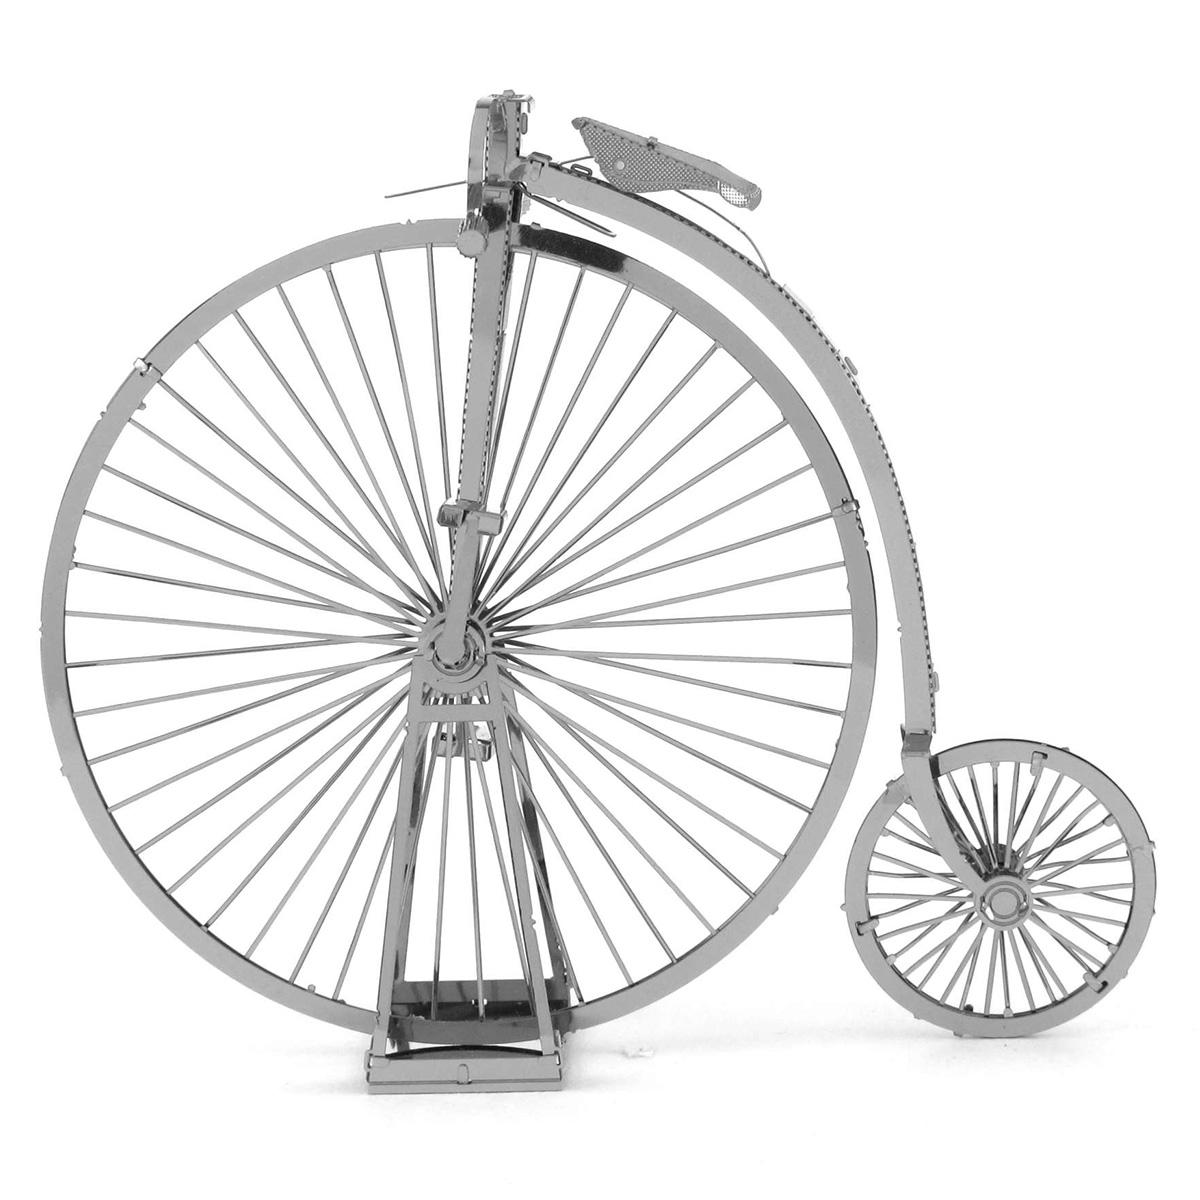 Metal Earth High Wheel Bicycle 3d Metal Model Kits Office